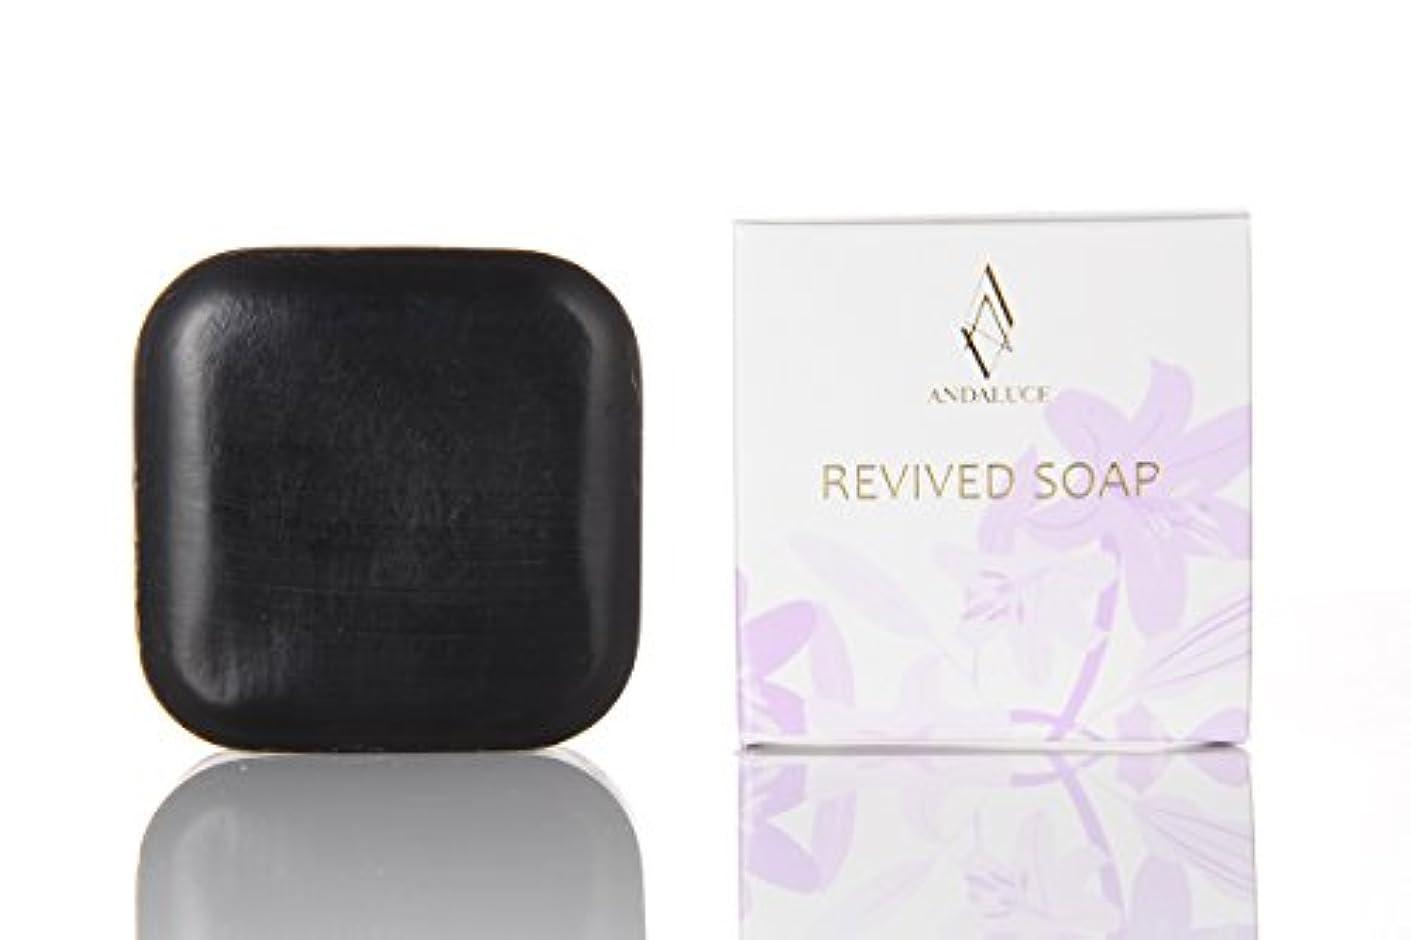 相対的シャワー帳面リバイブドソープ~REVIVED SOAP~(至高のAHAフルーツ酸SOAP)100g